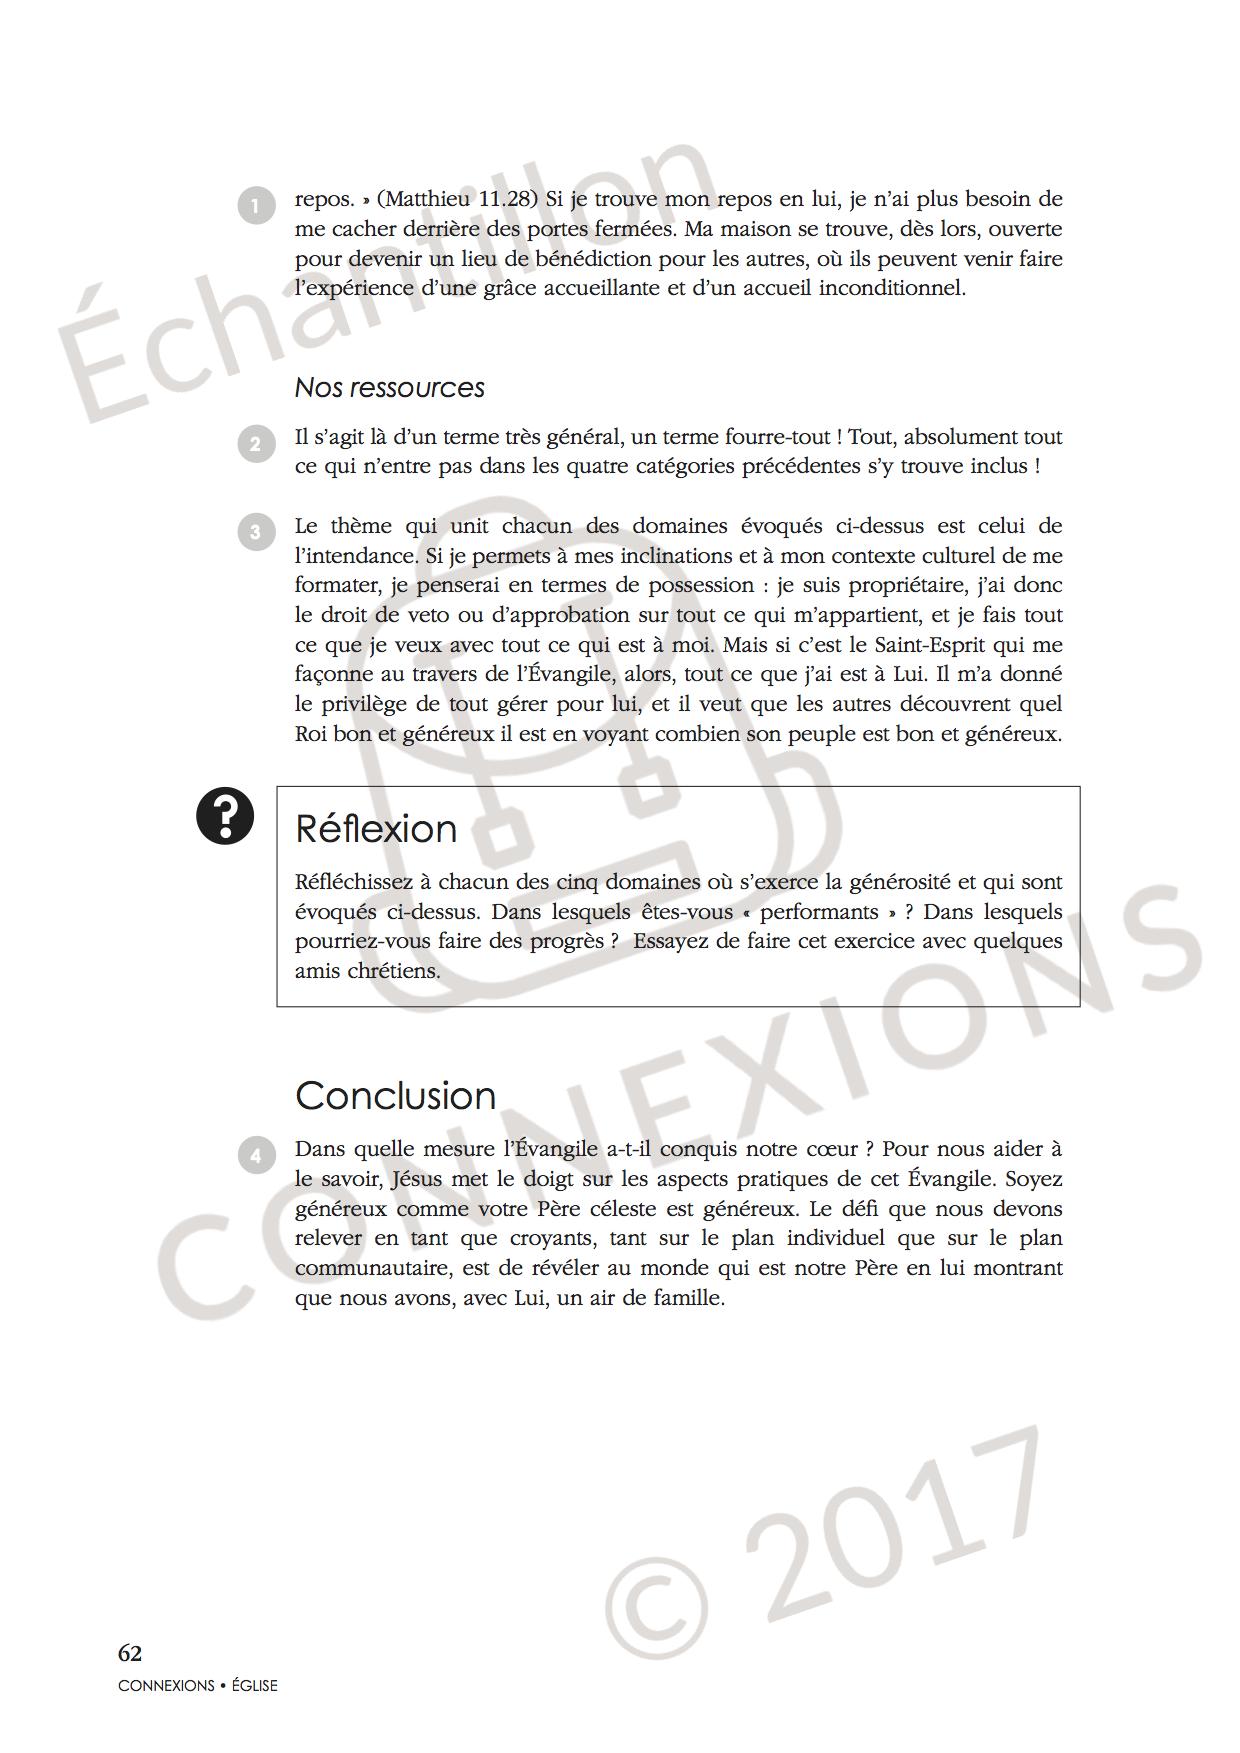 L'Évangile au cœur de la communauté_sample_published.10.png